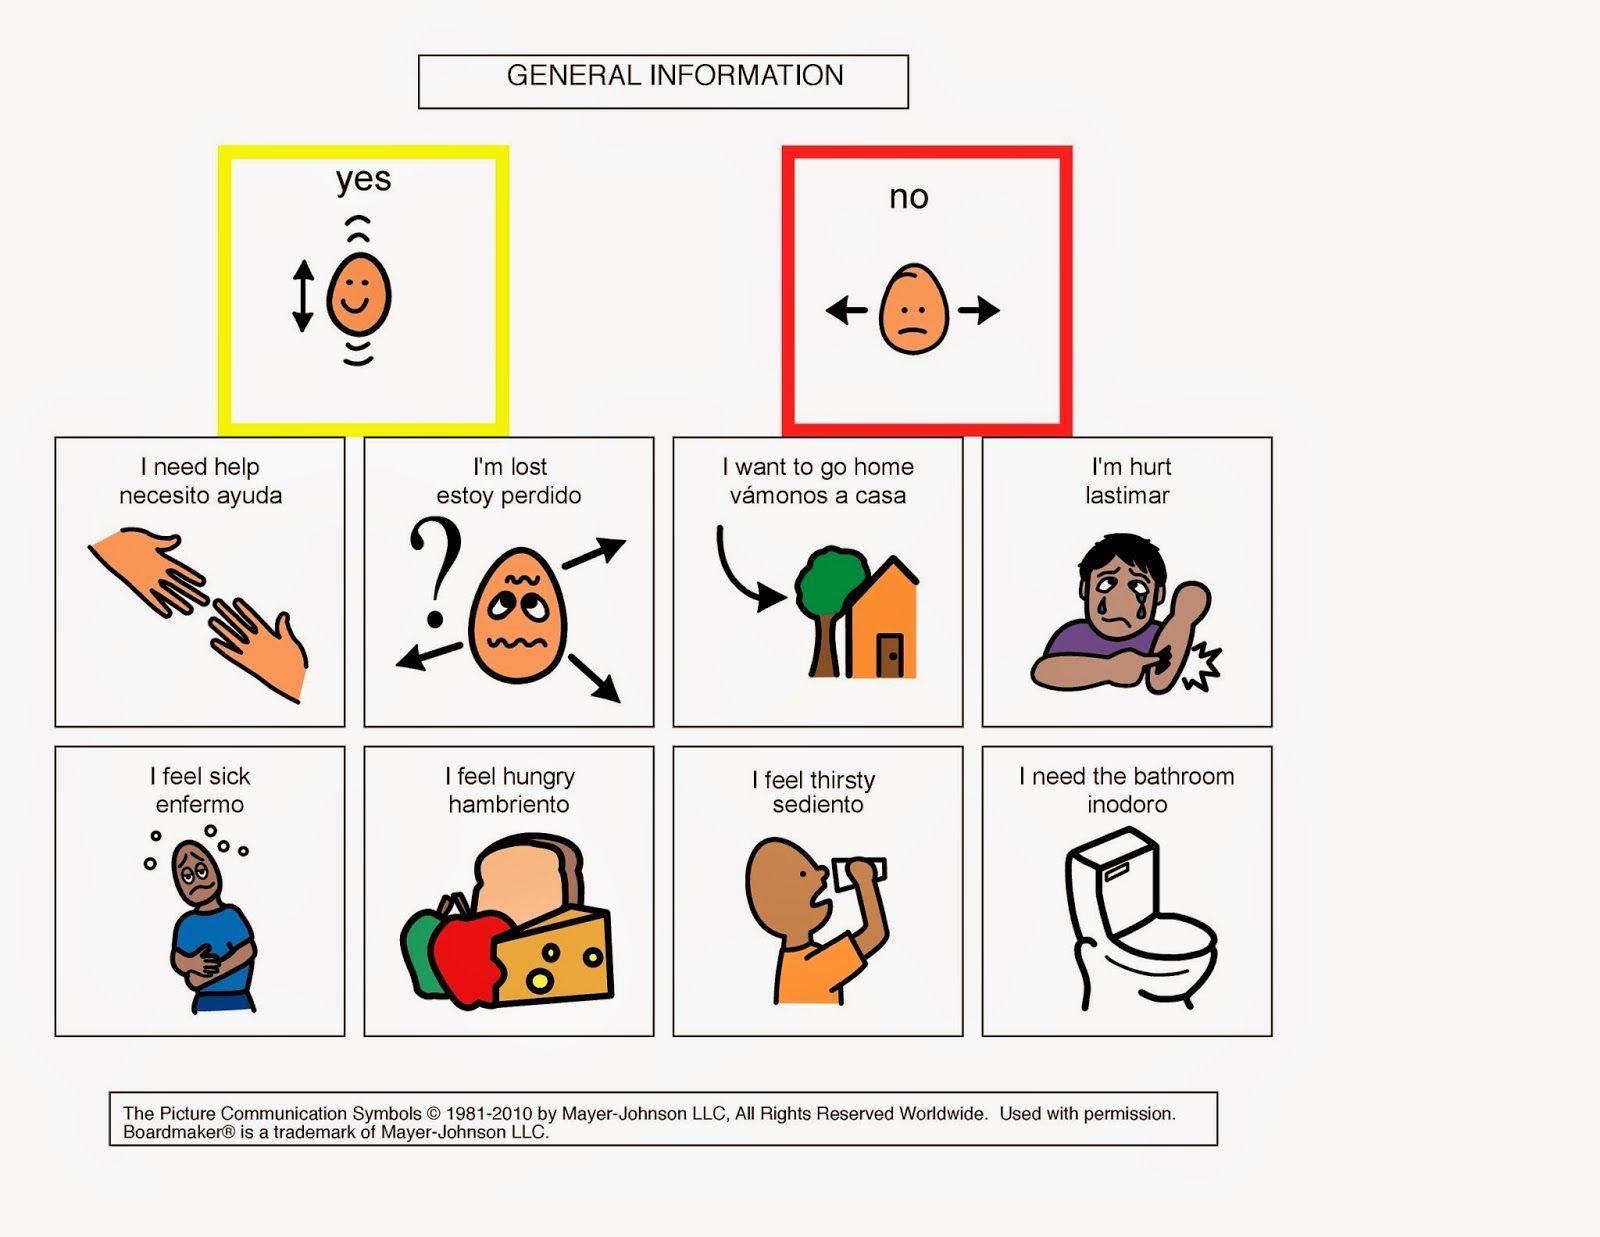 Emergency Communication Board With Symbols For Basic Needs